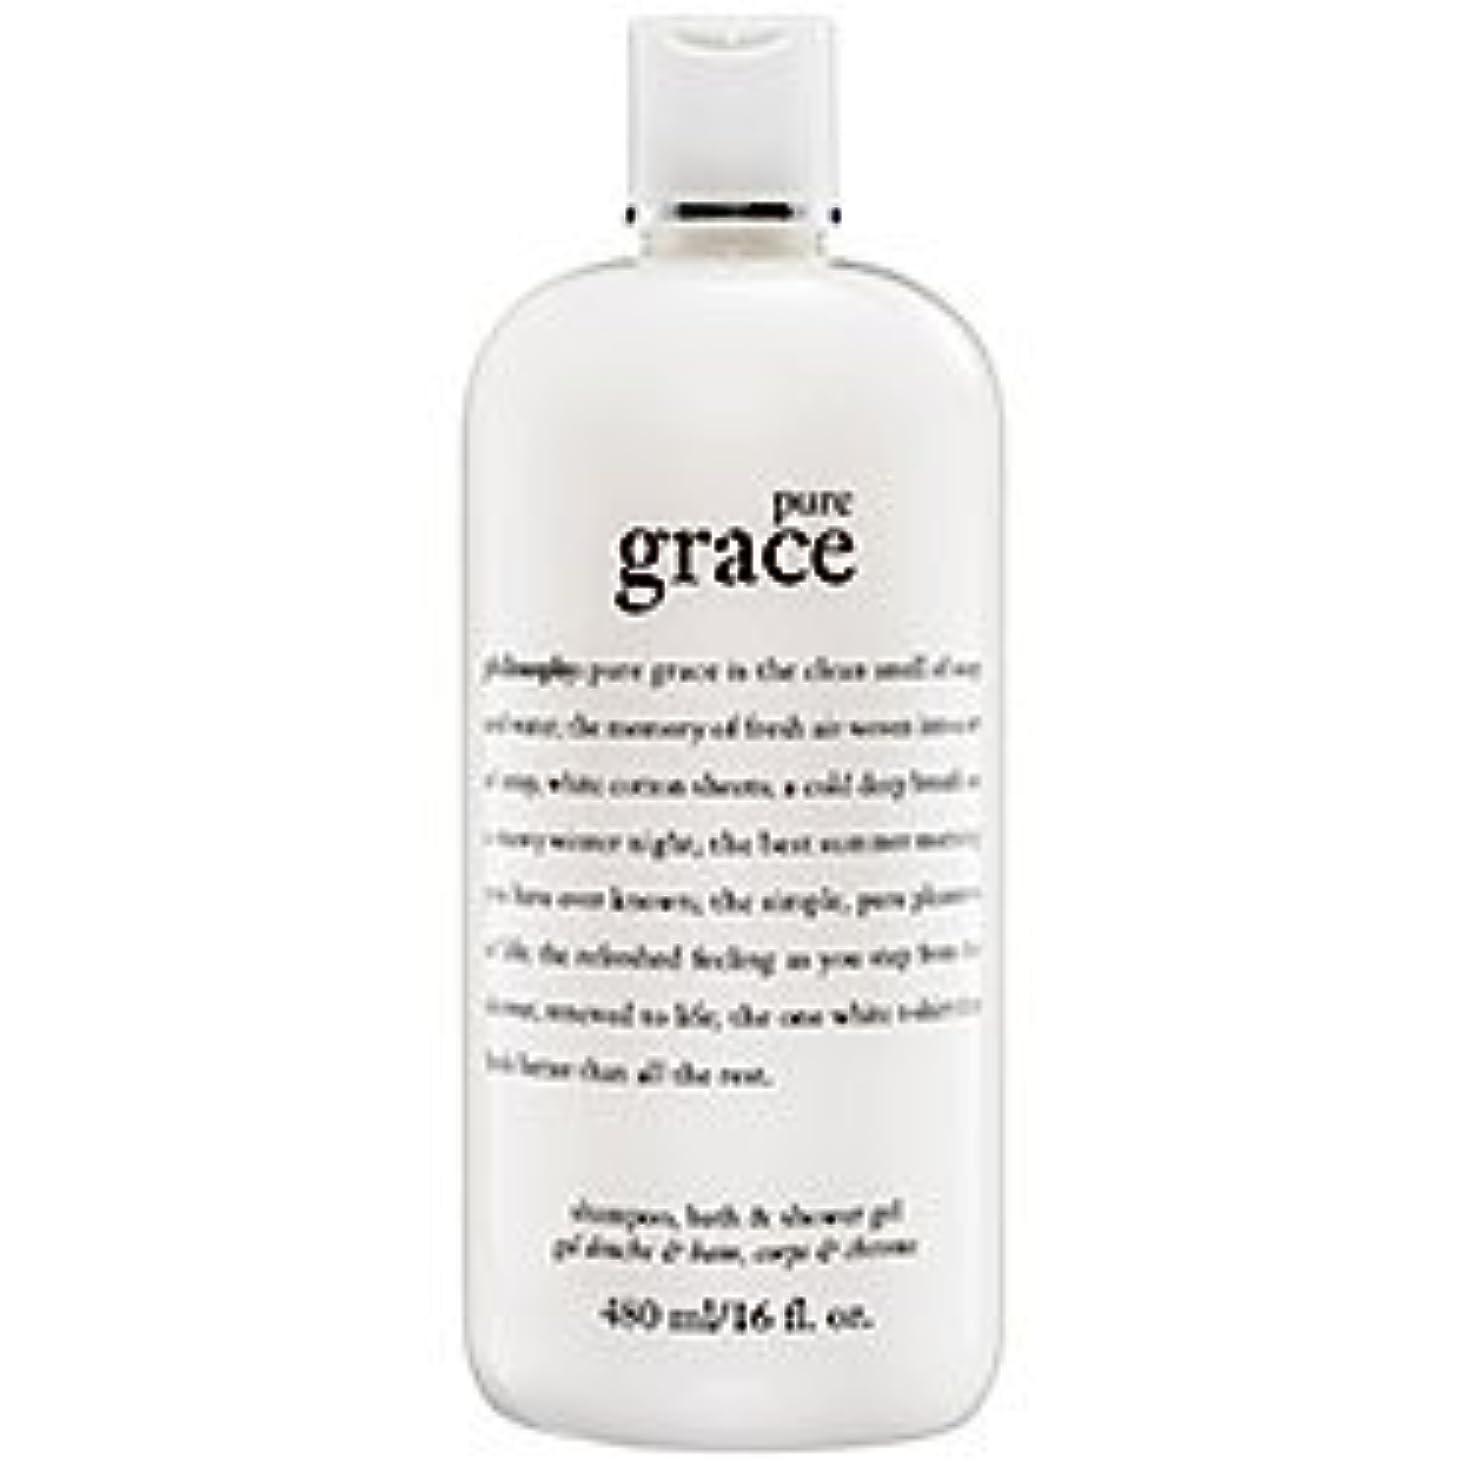 にんじんで信頼できるpure grace (ピュアグレイス ) 16.0 oz (480ml) foaming bath and shower gel for Women